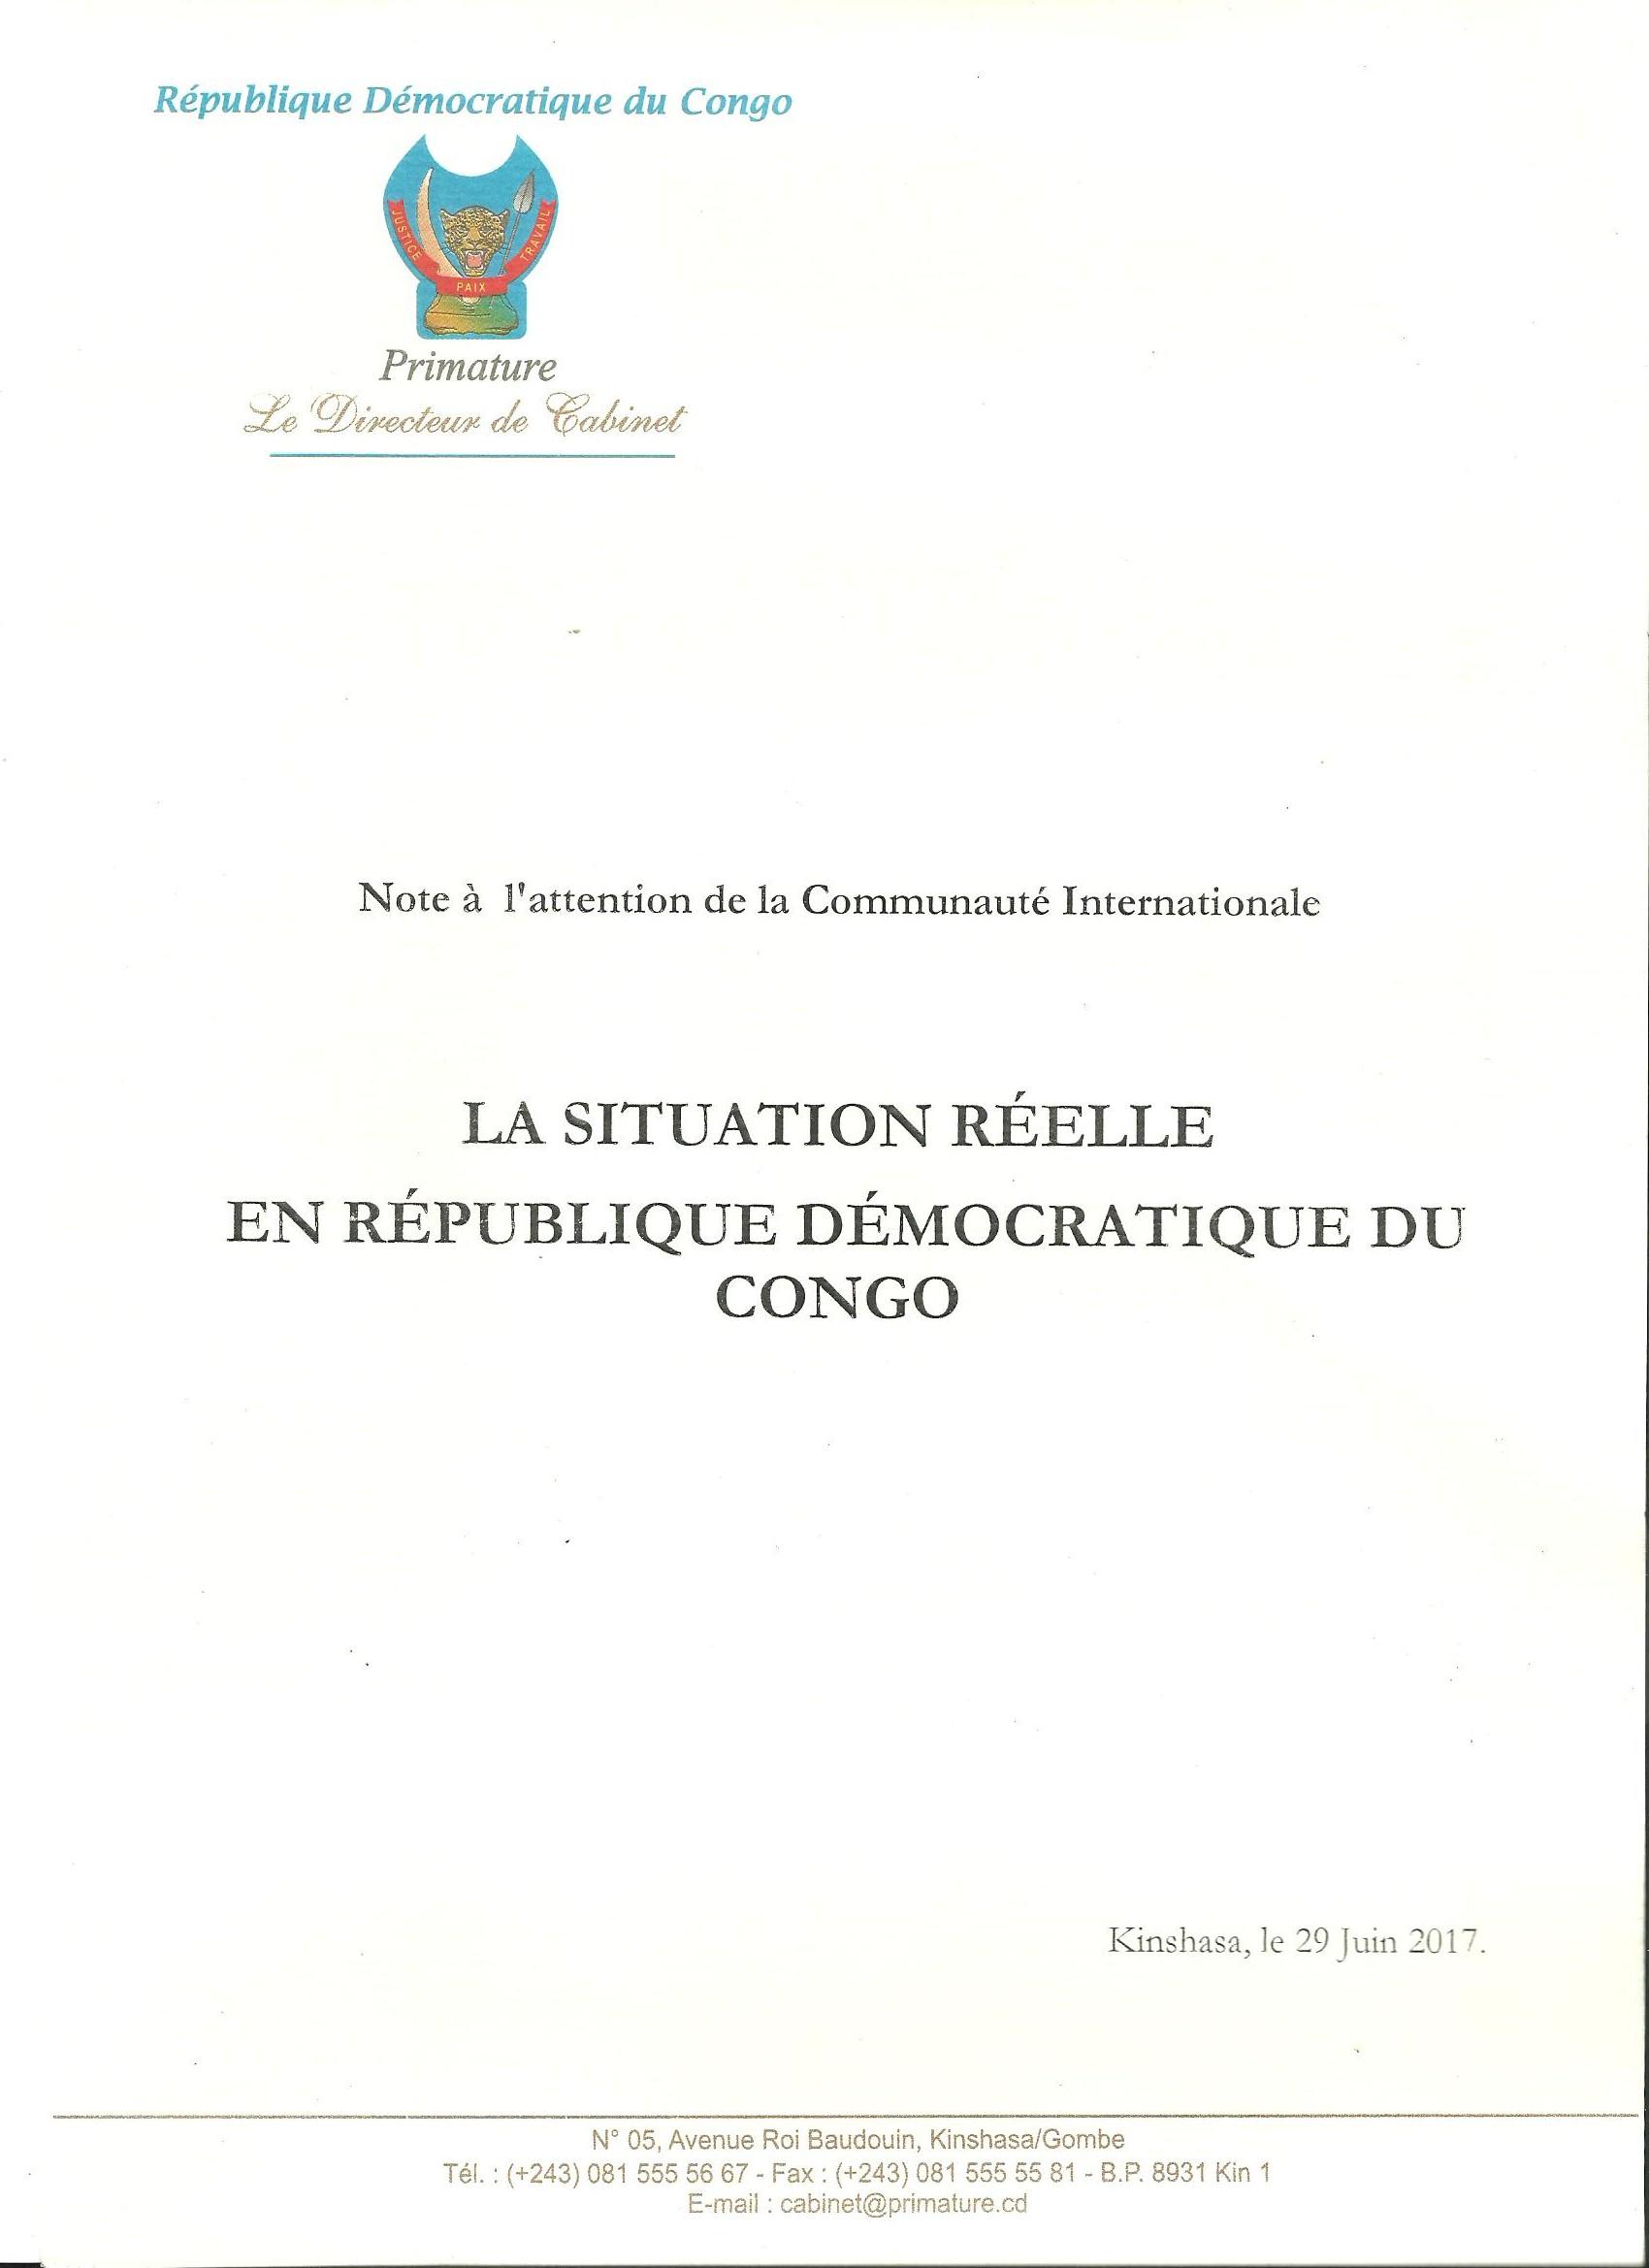 Situation Réelle en RDC – Primature – @Zoom_eco